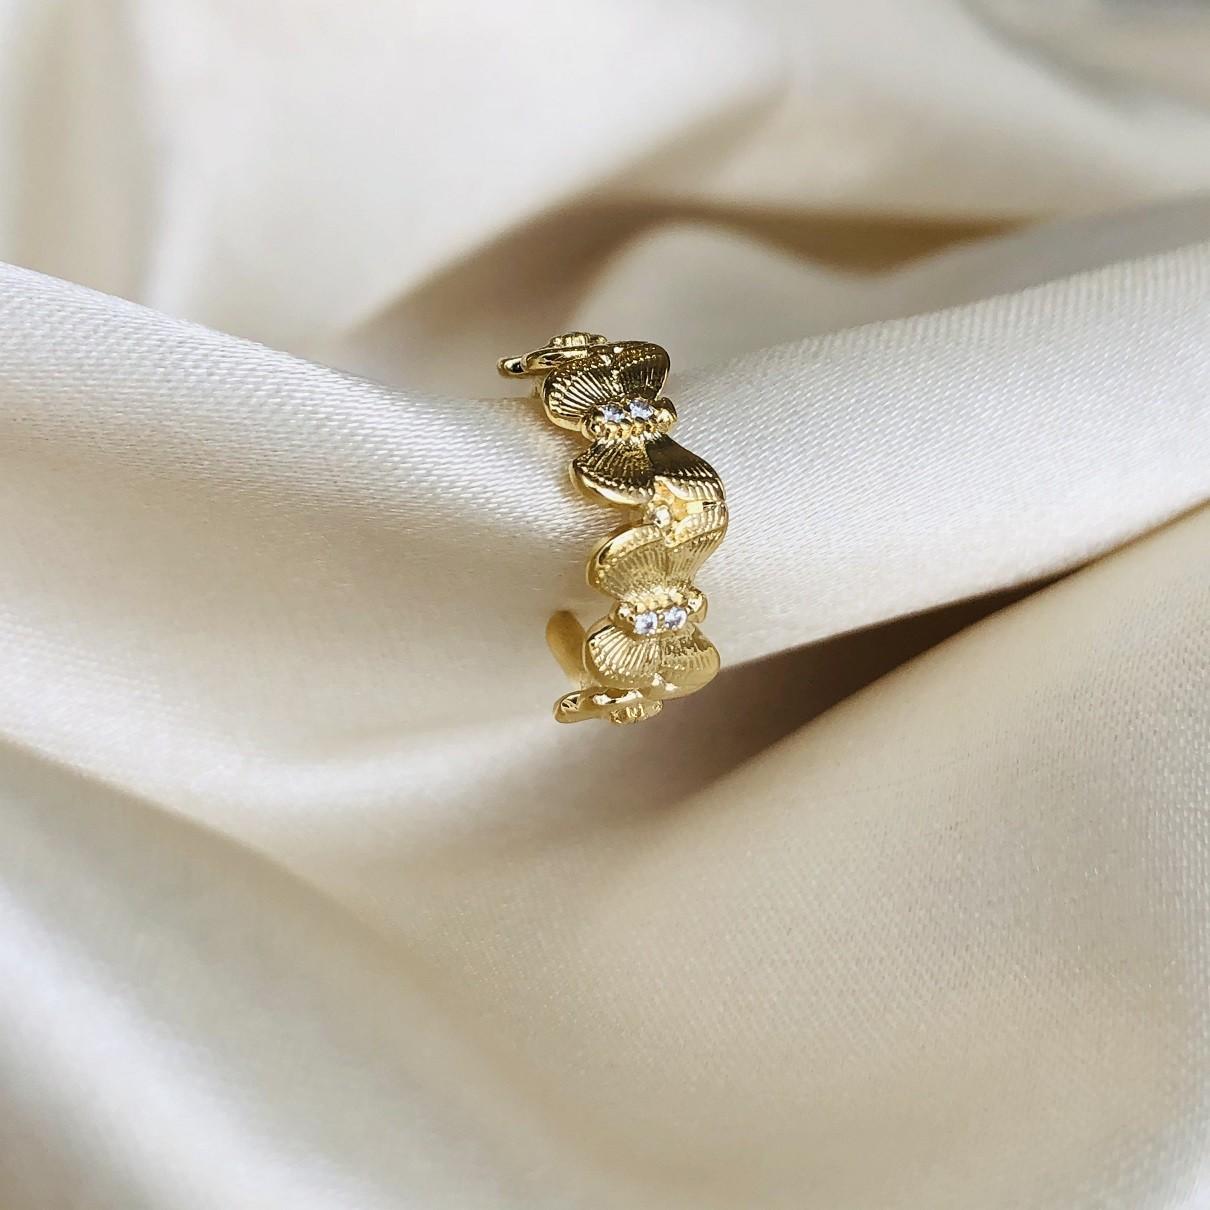 Piercing de Pressão com Borboletas Banhada em Ouro 18k